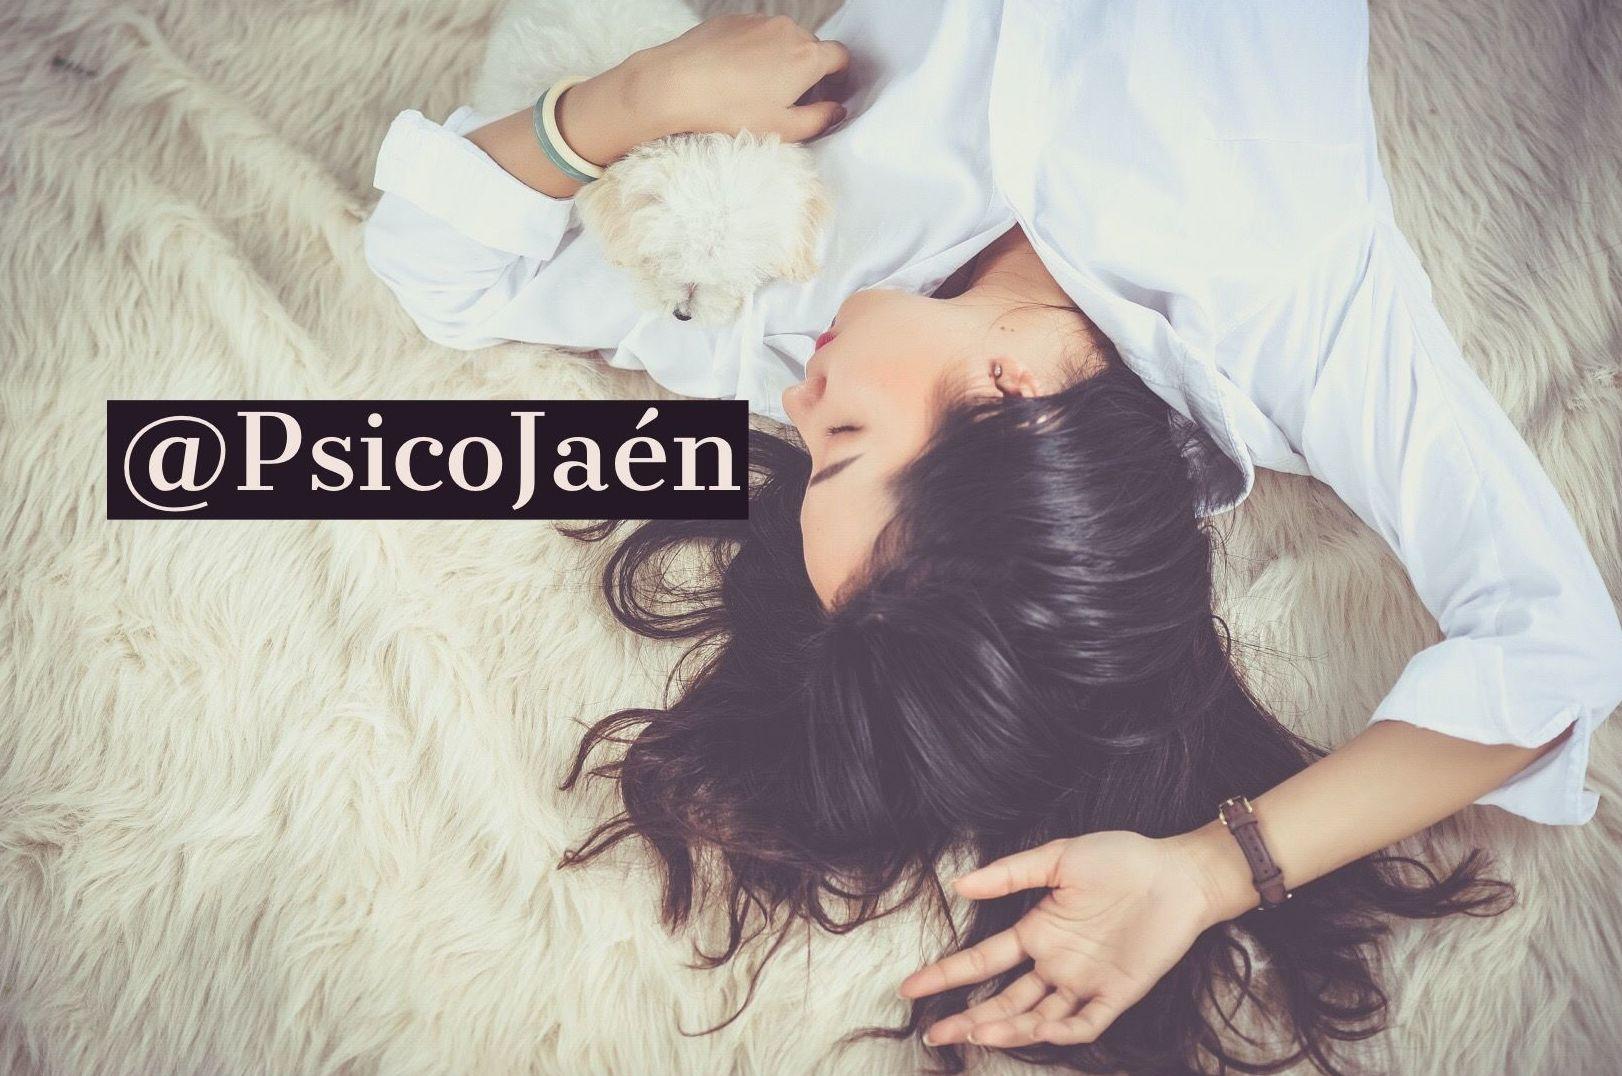 Cuanto más profundo es el sueño, mejor para el cerebro